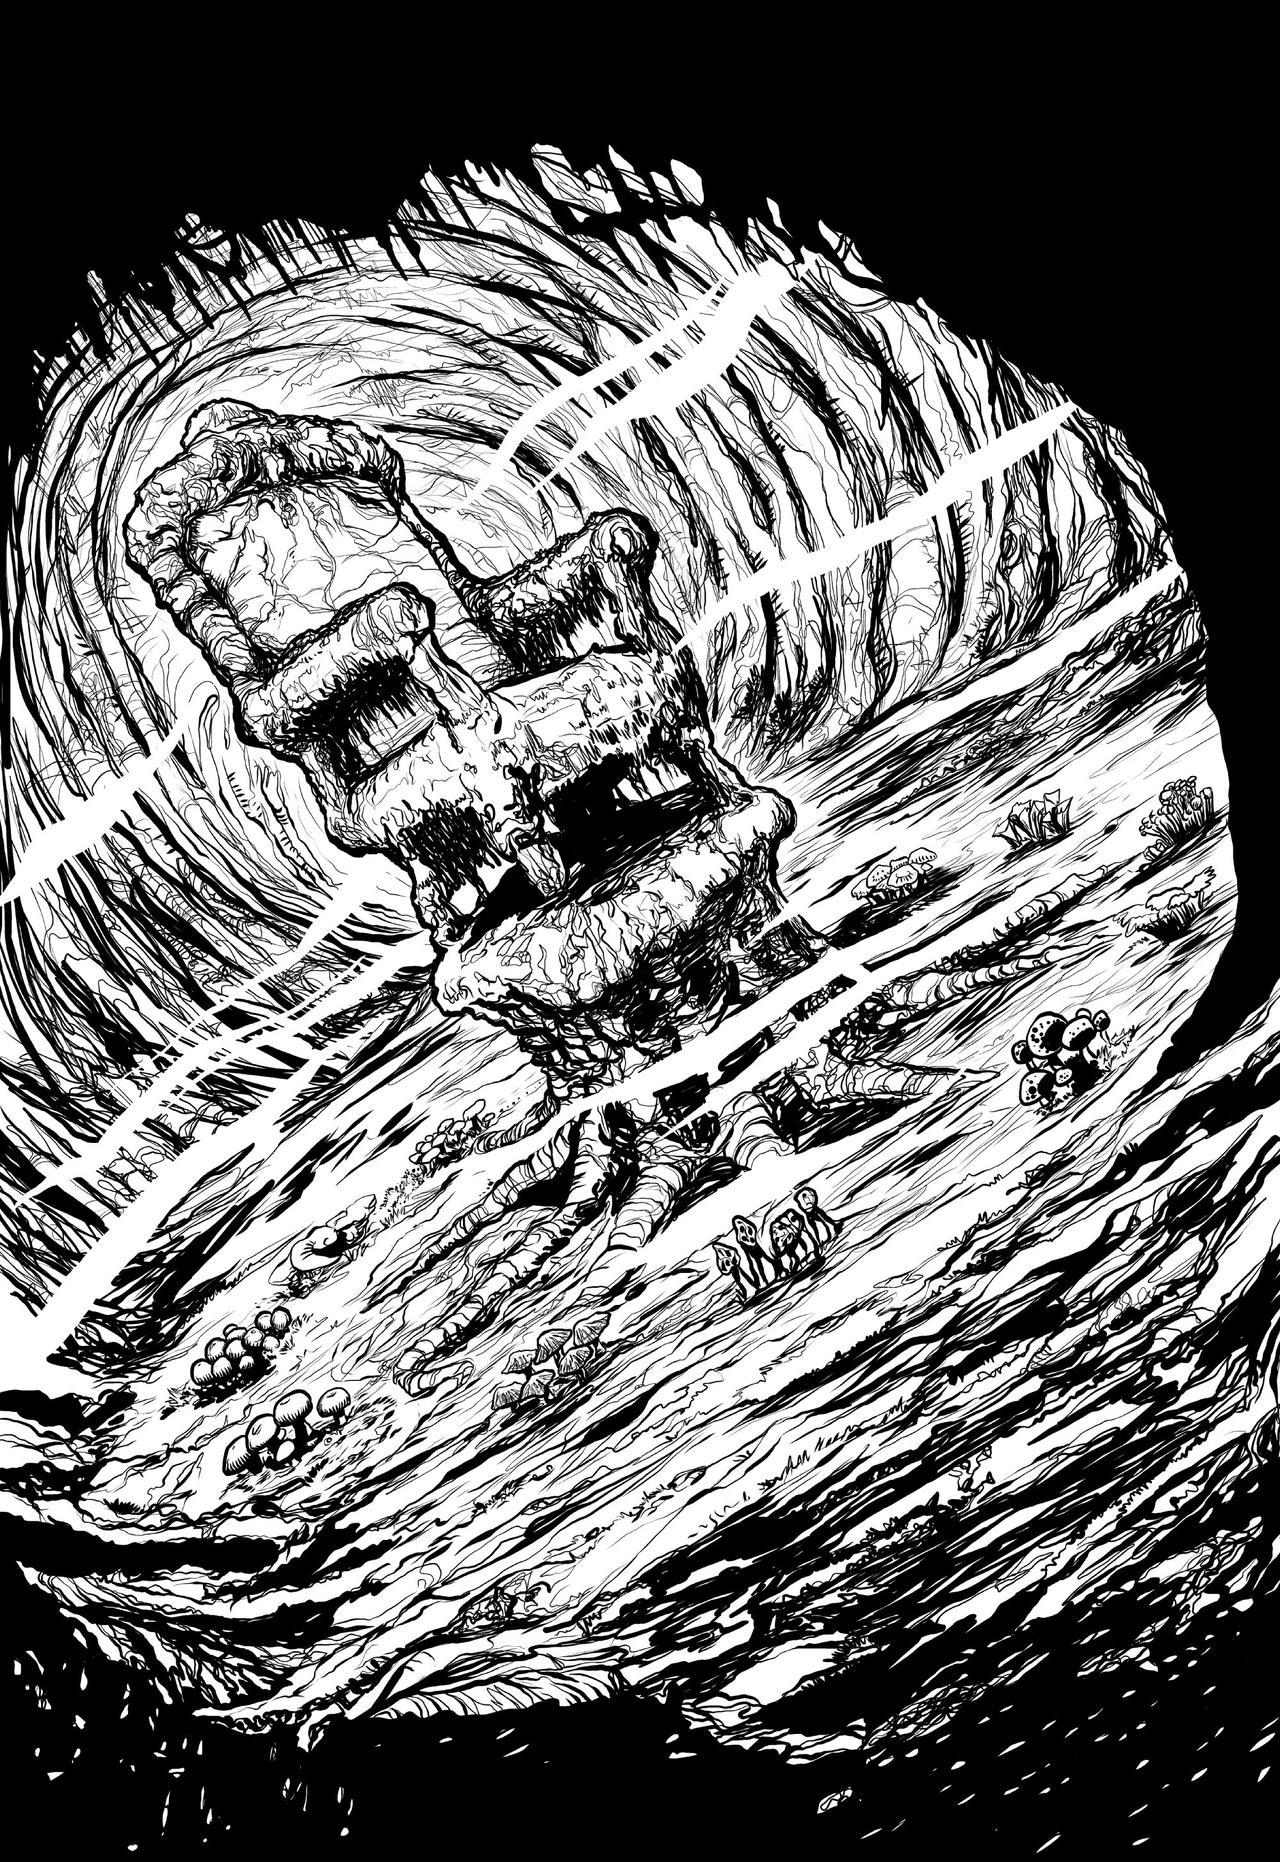 The Mushroom Murders pg 1 INKS by JeremiahLambertArt